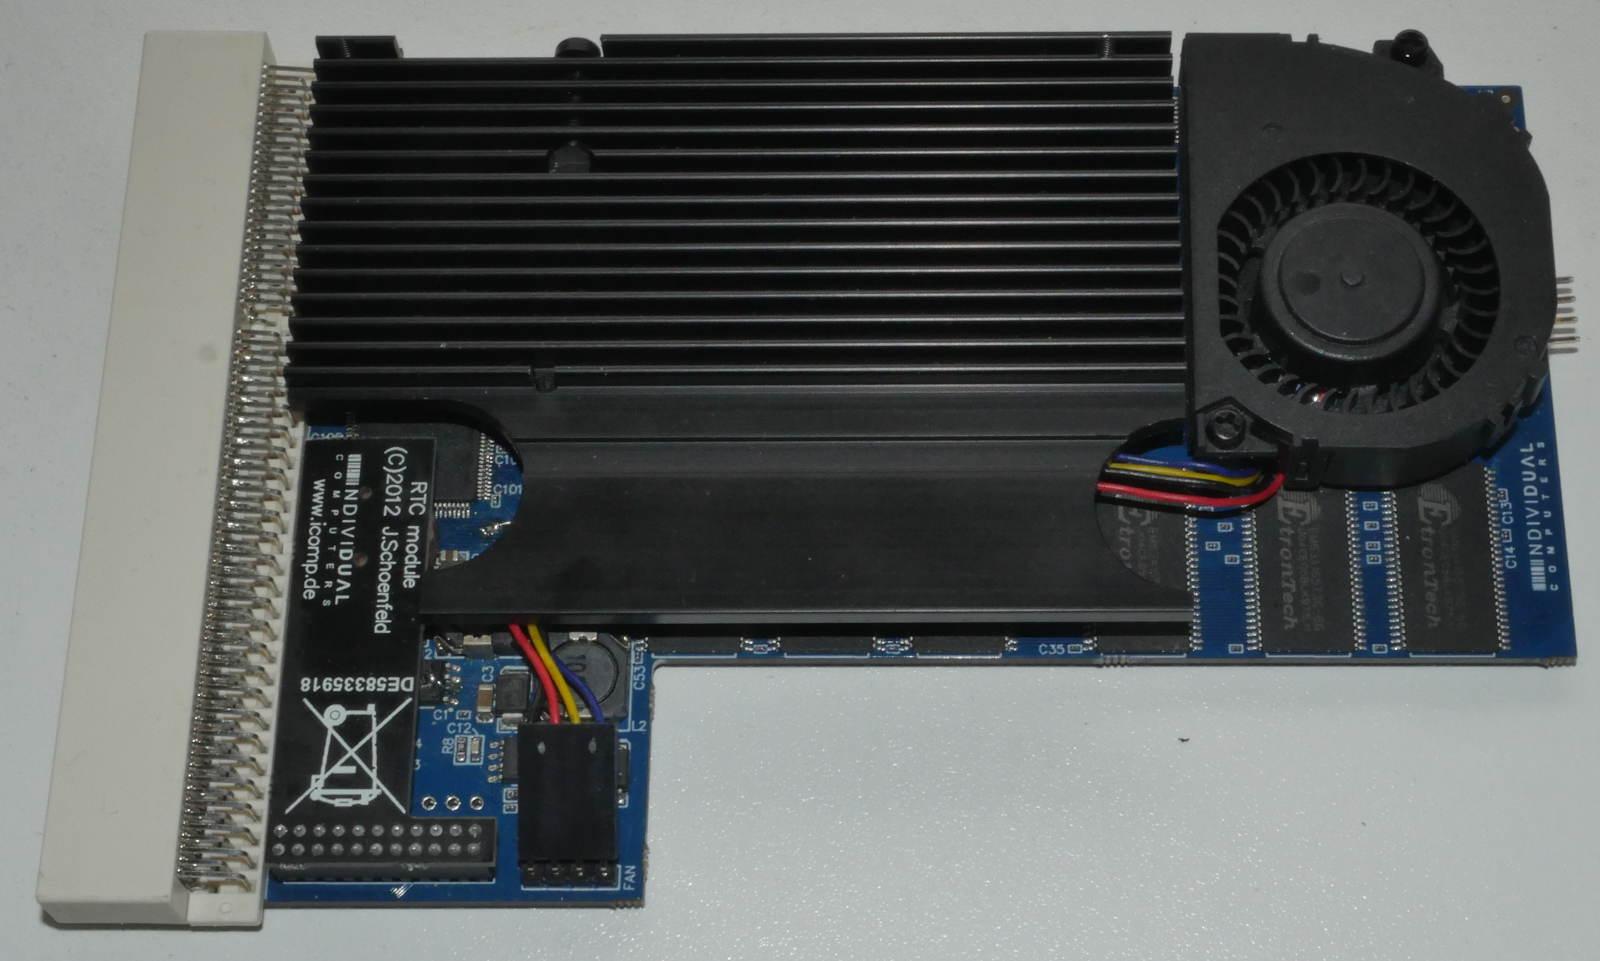 Klikněte na obrázek pro zobrazení větší verze  Název: ACA1260_prototype.JPG Zobrazeno: 65 Velikost: 117,5 KB ID: 9938